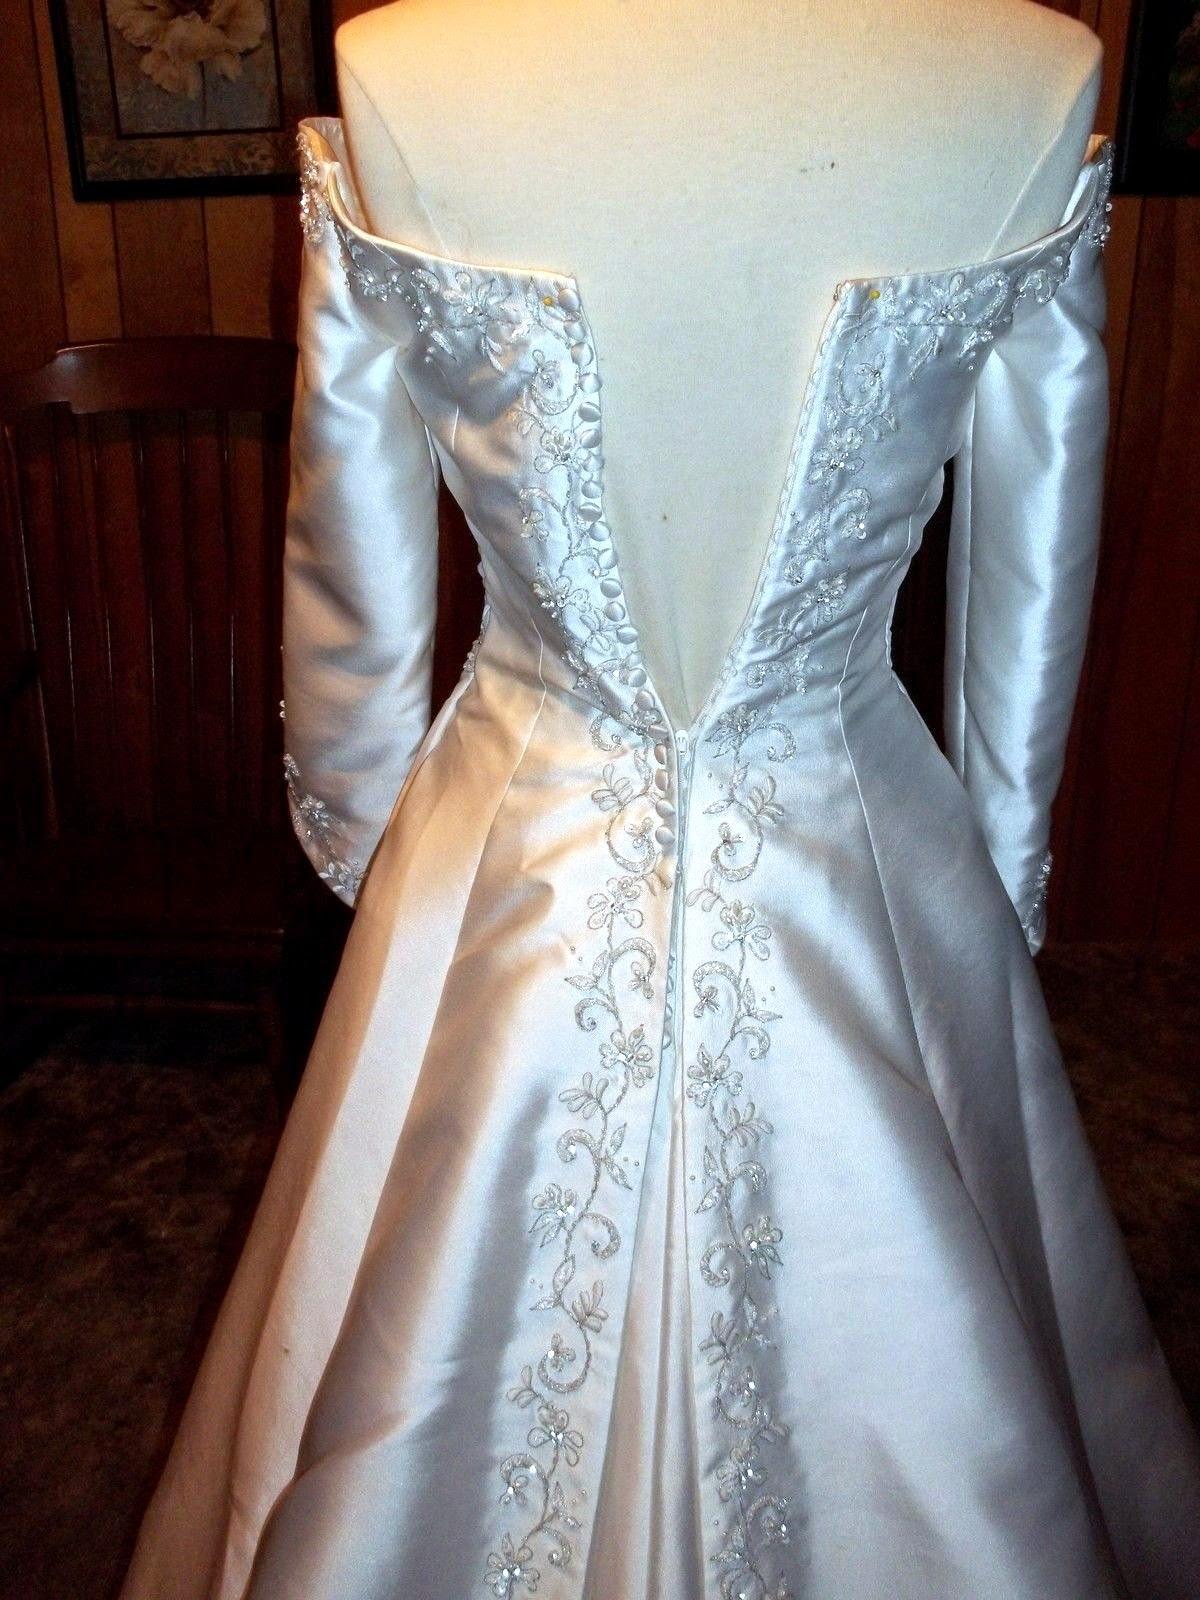 Mode Amplitude - Fashion & Culture: Vestidos de novia de manga fuera ...